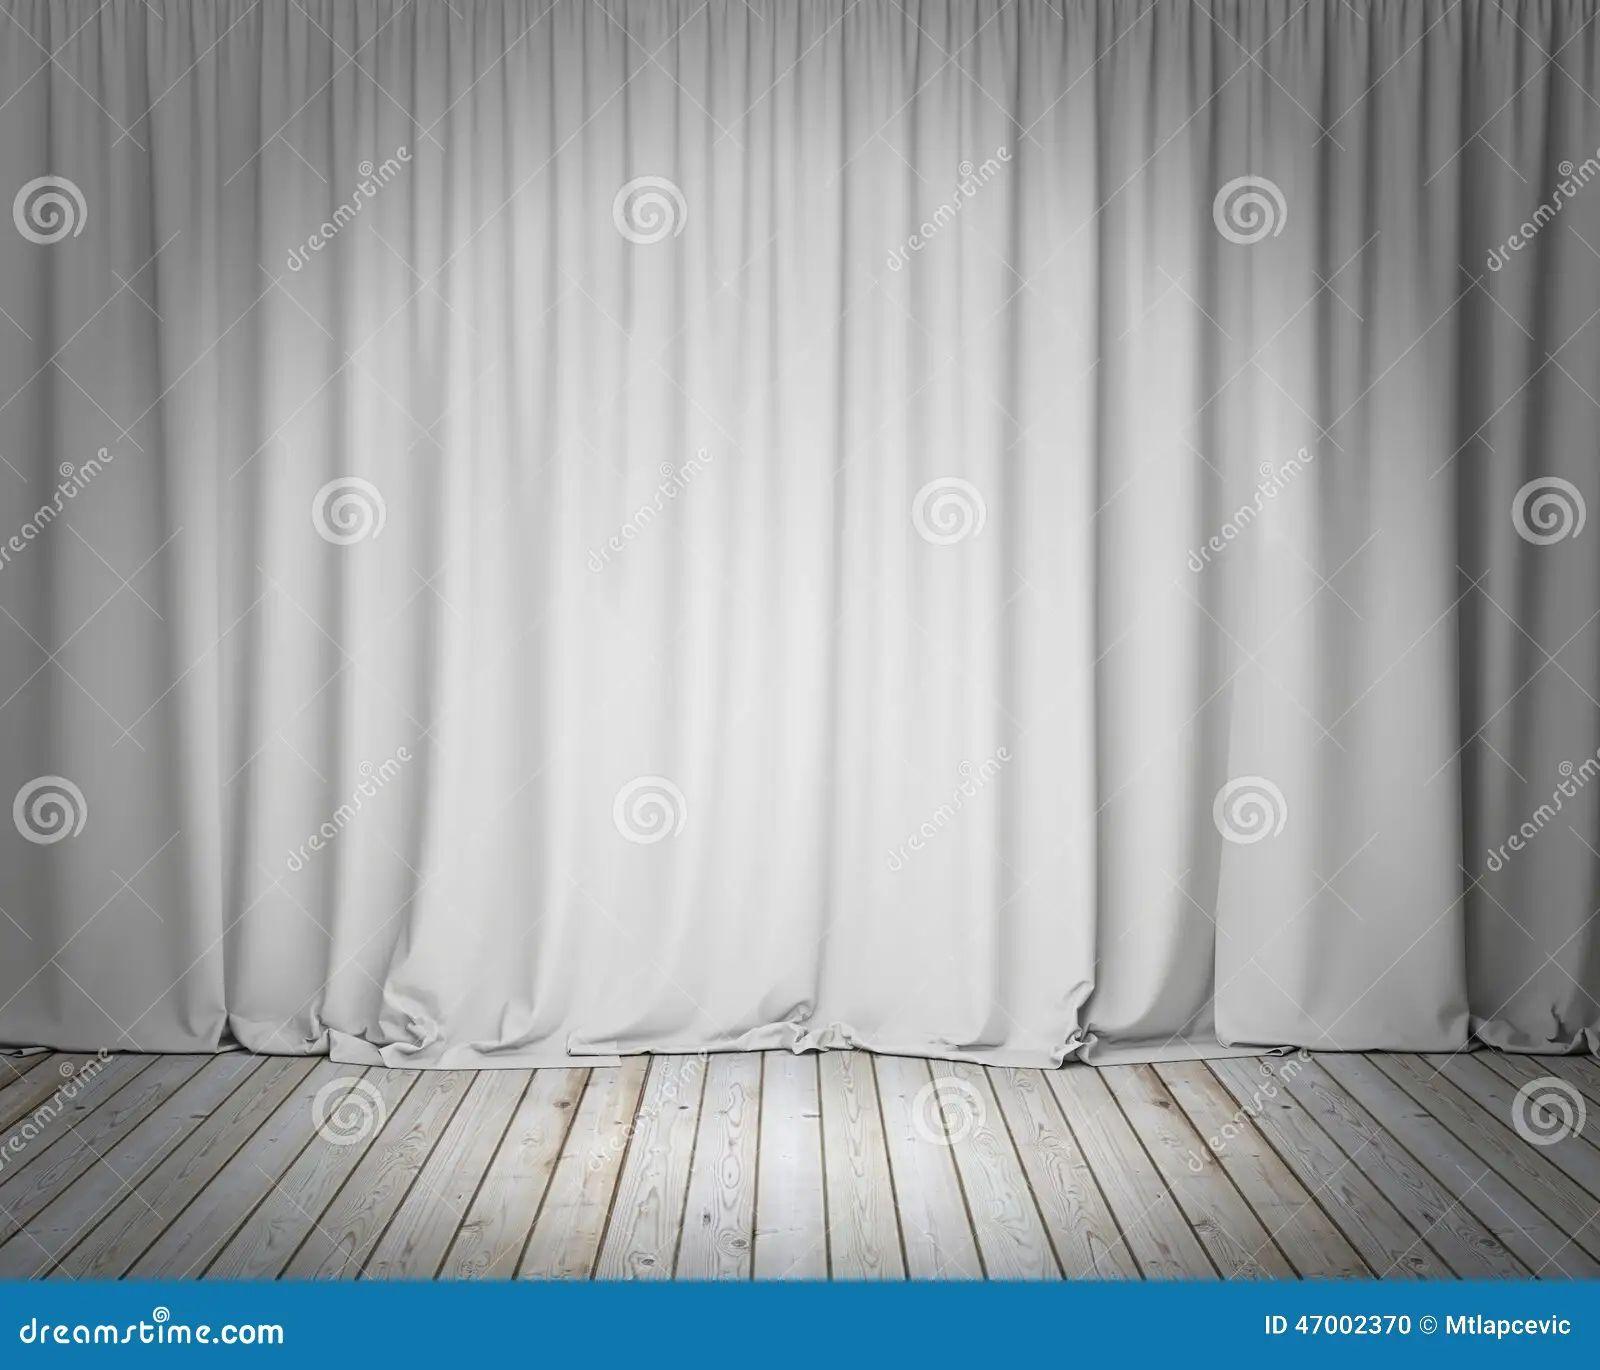 Curtain stock images image 27213424 - Curtain Stock Images Image 27213424 20